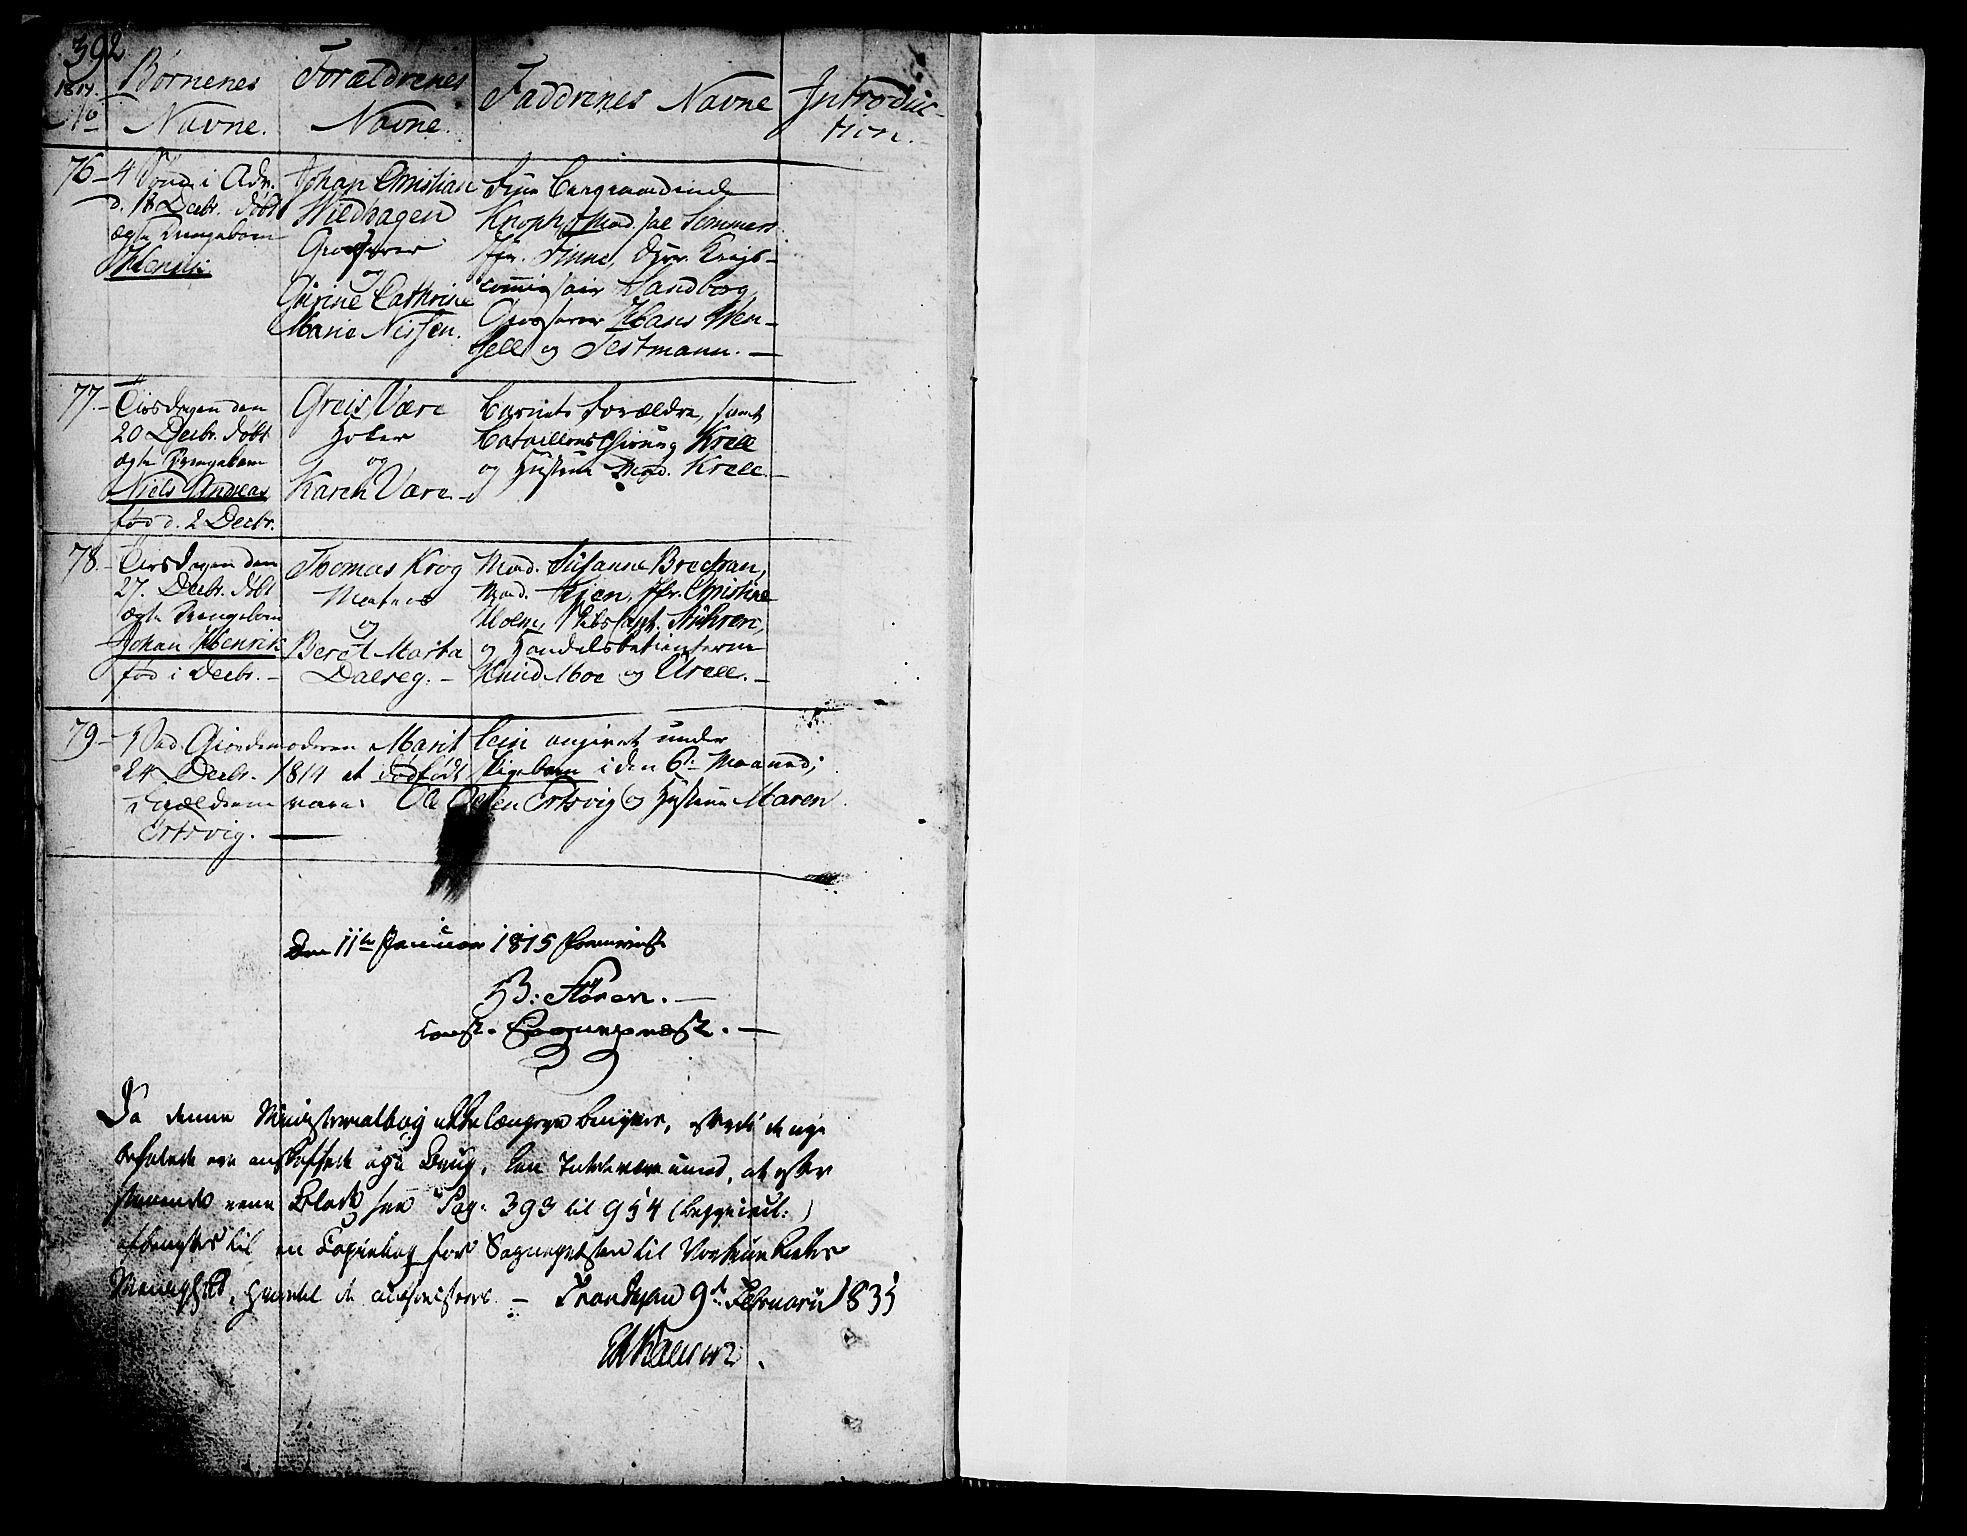 SAT, Ministerialprotokoller, klokkerbøker og fødselsregistre - Sør-Trøndelag, 602/L0104: Ministerialbok nr. 602A02, 1774-1814, s. 392-393